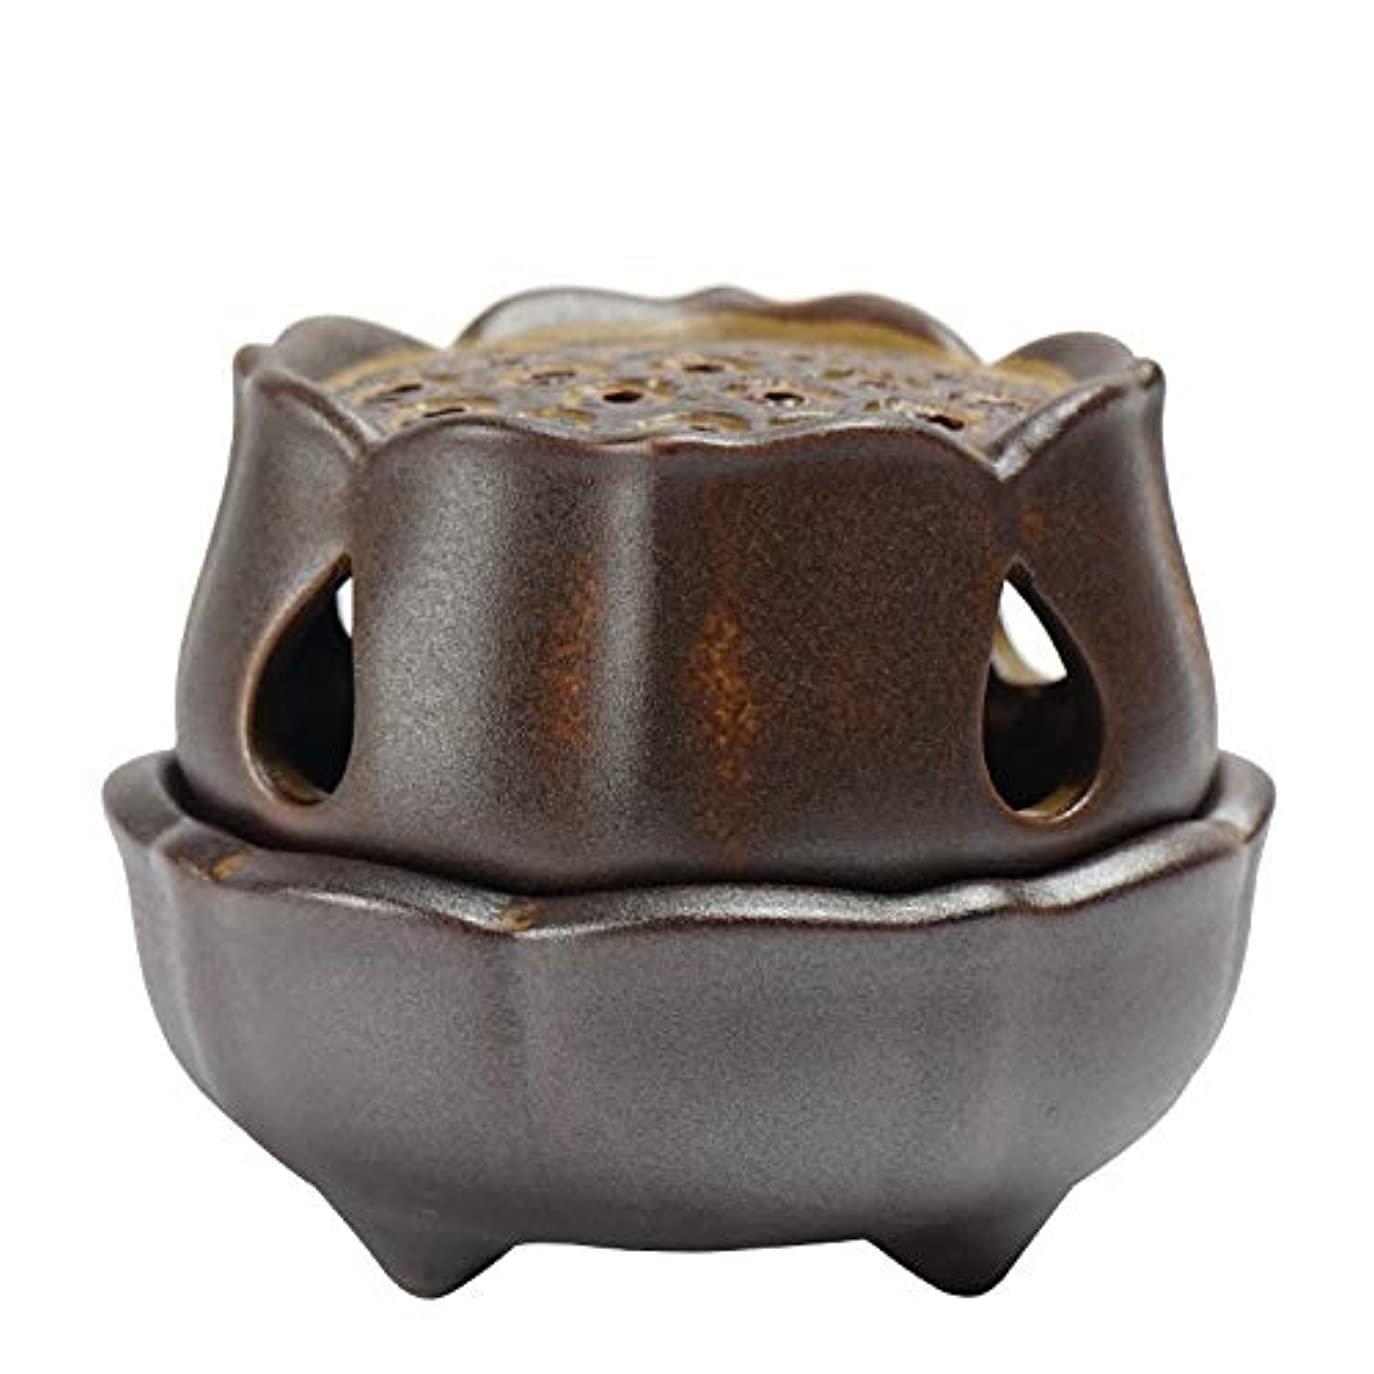 週間パドル天文学仏の香のアロマセラピー炉9.5 * 8 * 7.3cmのための滝の背部香の棒家族の芳香バーナーの還流の蝋燭の棒の陶磁器